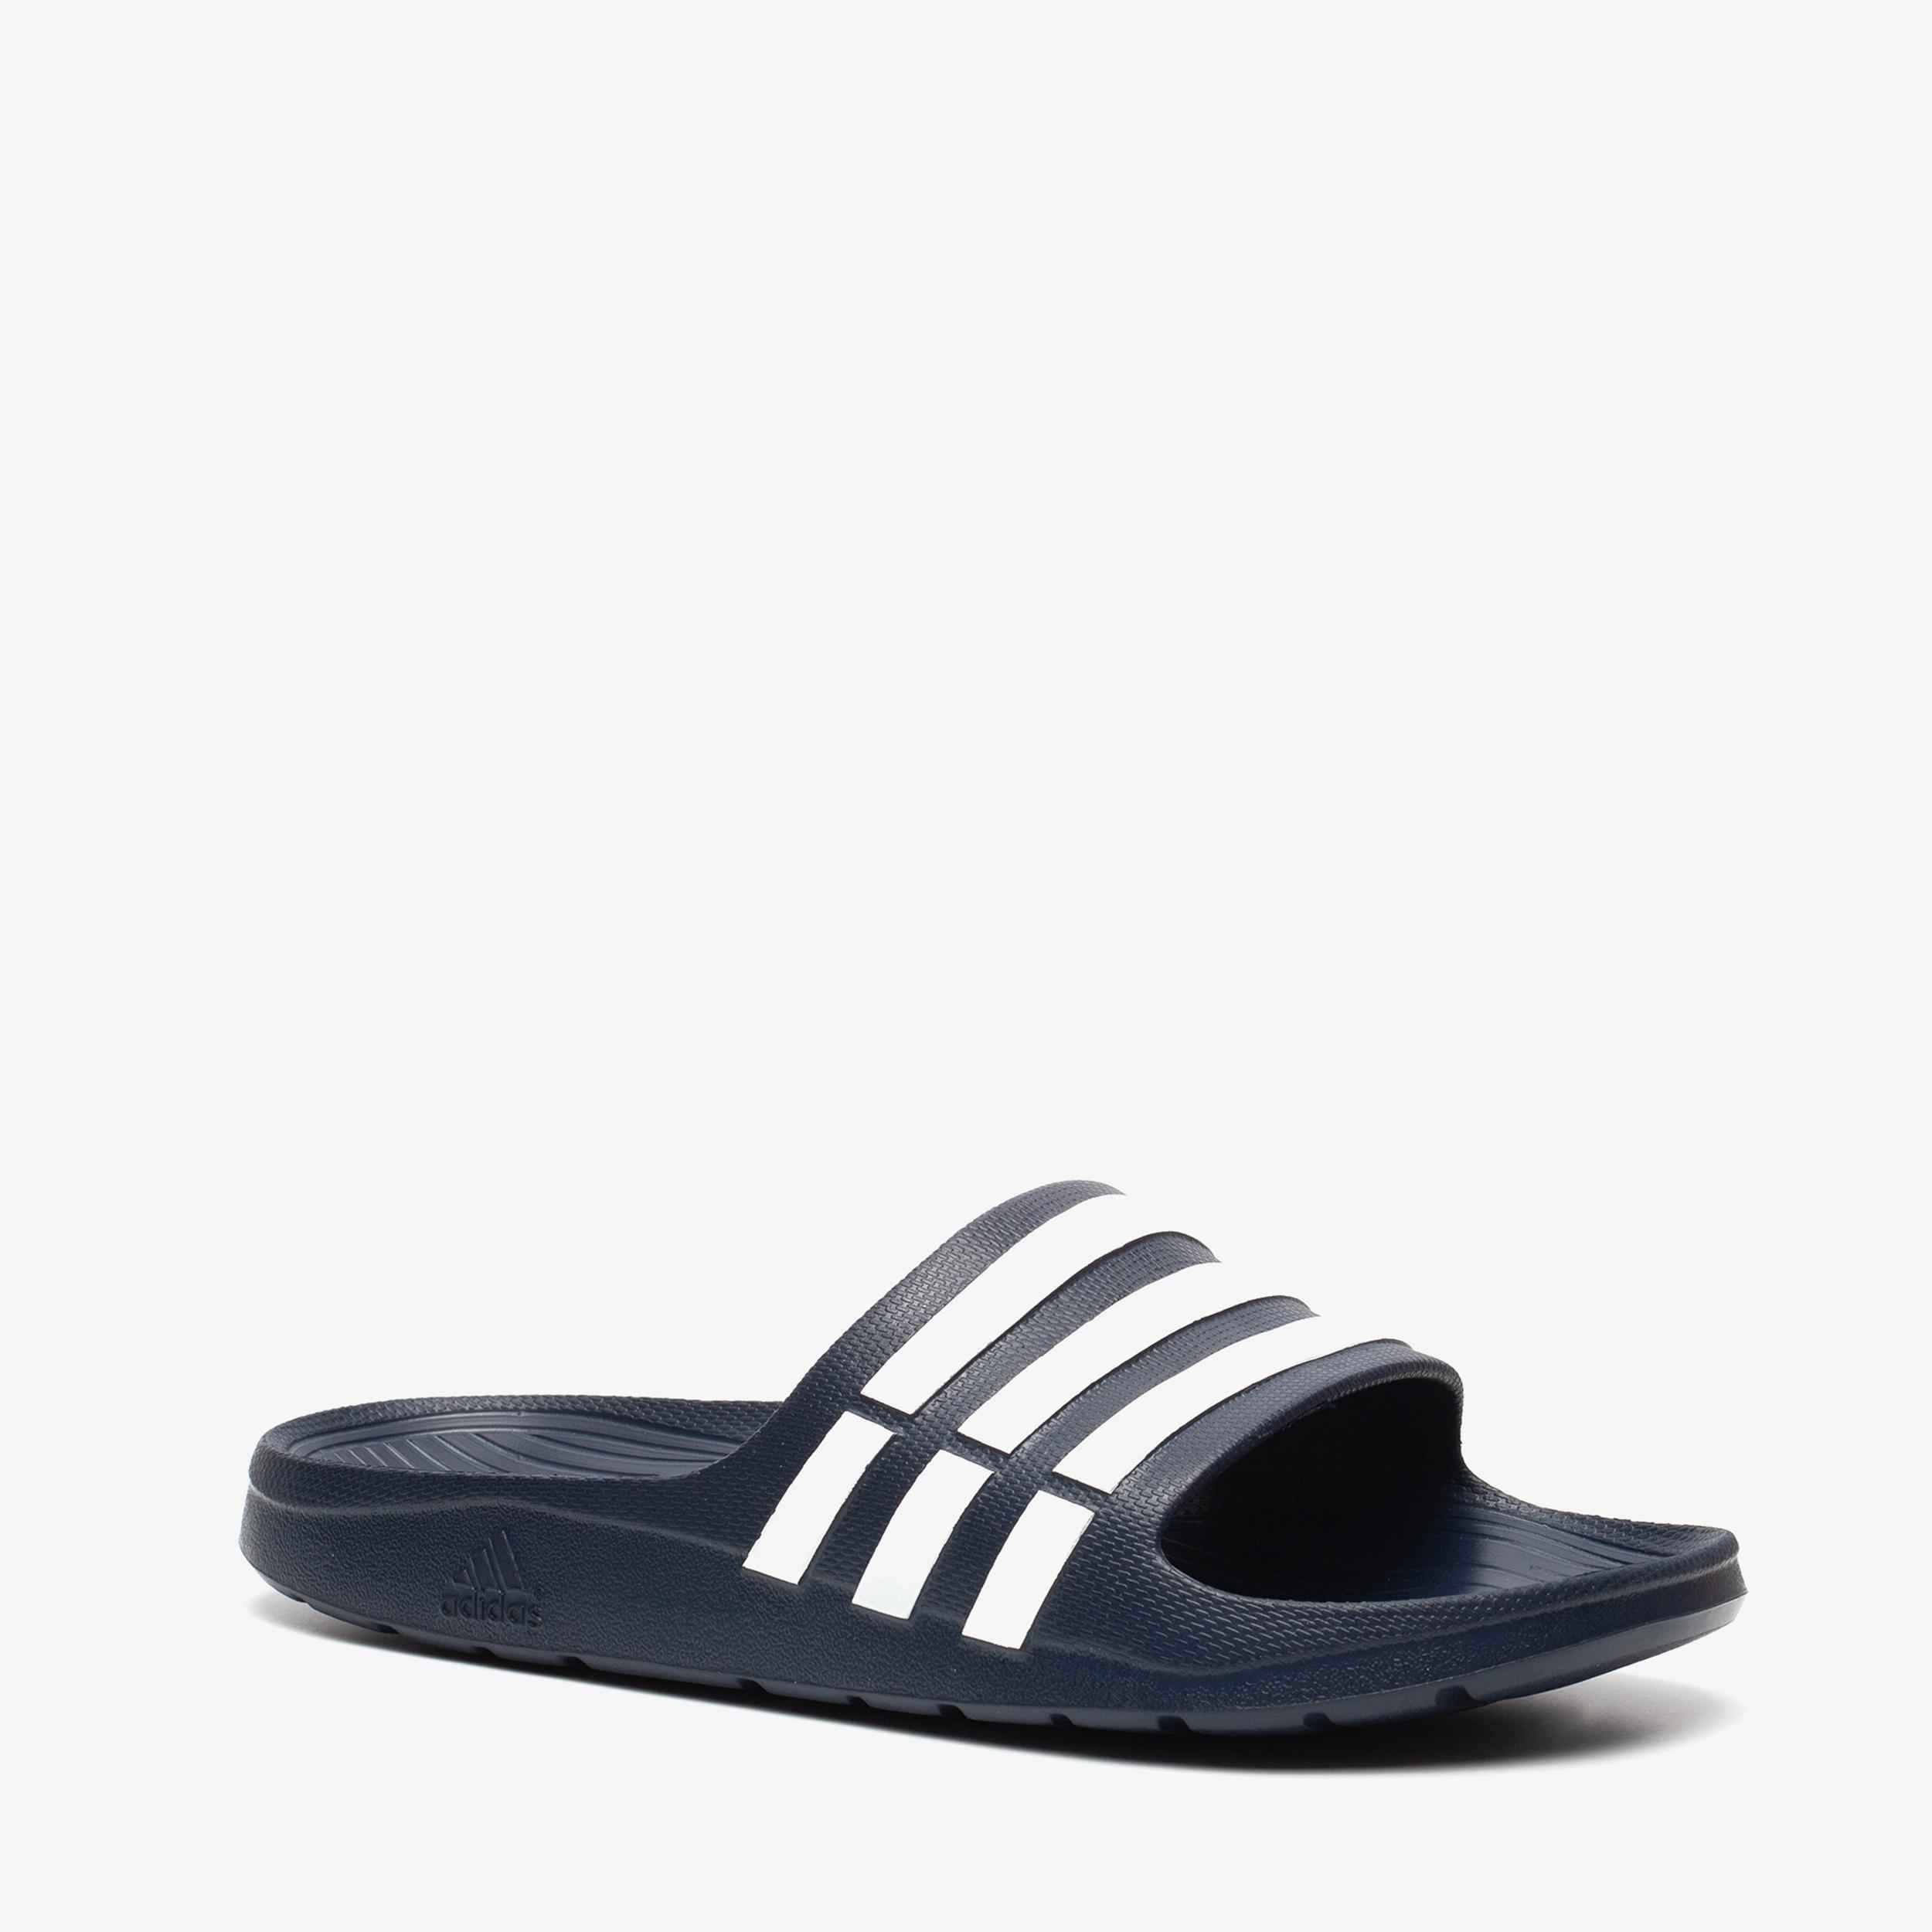 Adidas Duramo Slide heren badslippers | Scapino.nl